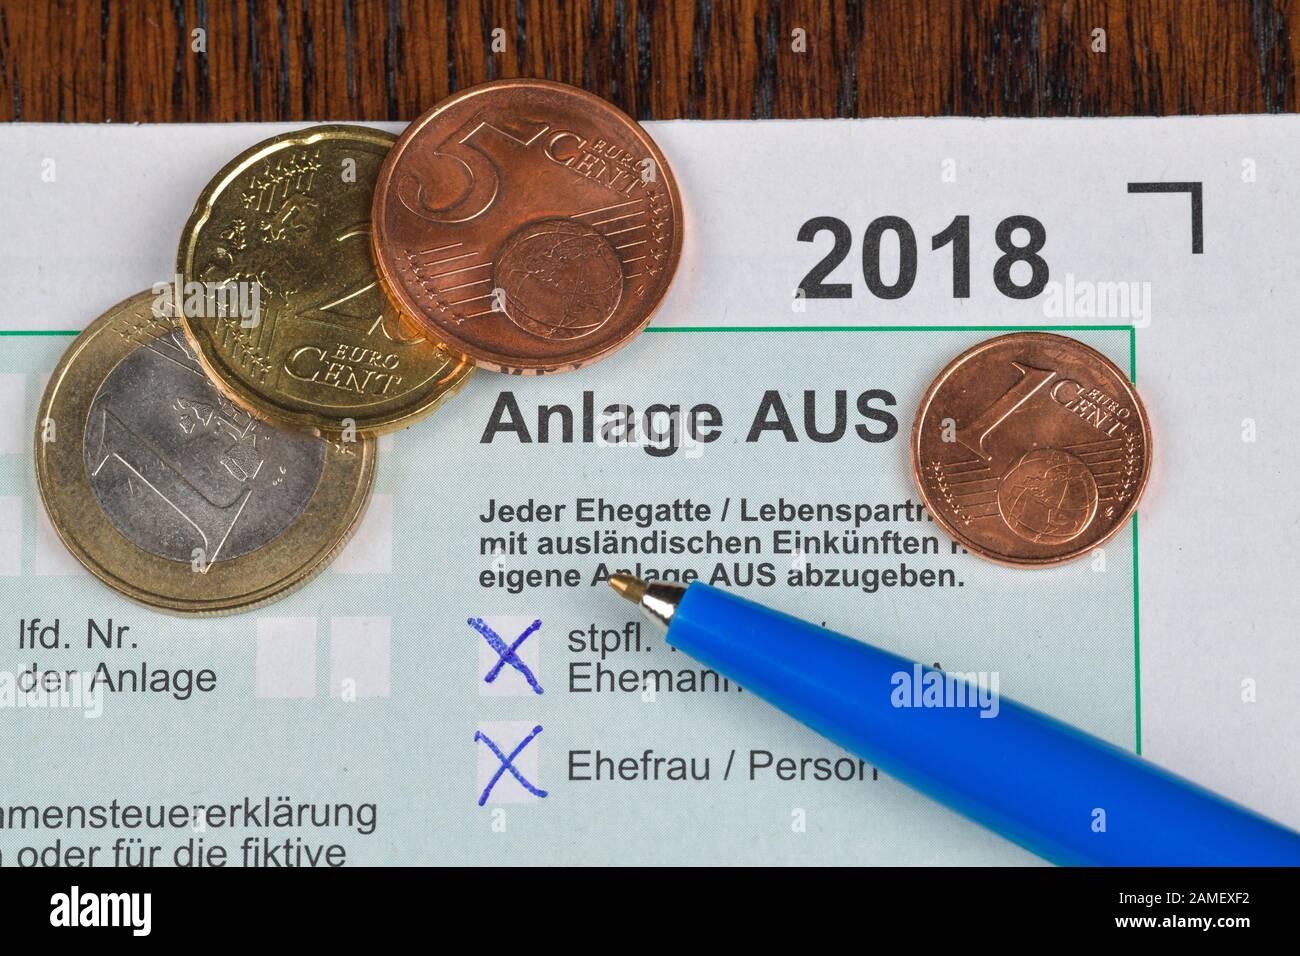 Anlage AUS, ausländische Einkünfte und Steuern, Formular, Steuererklärung Stock Photo